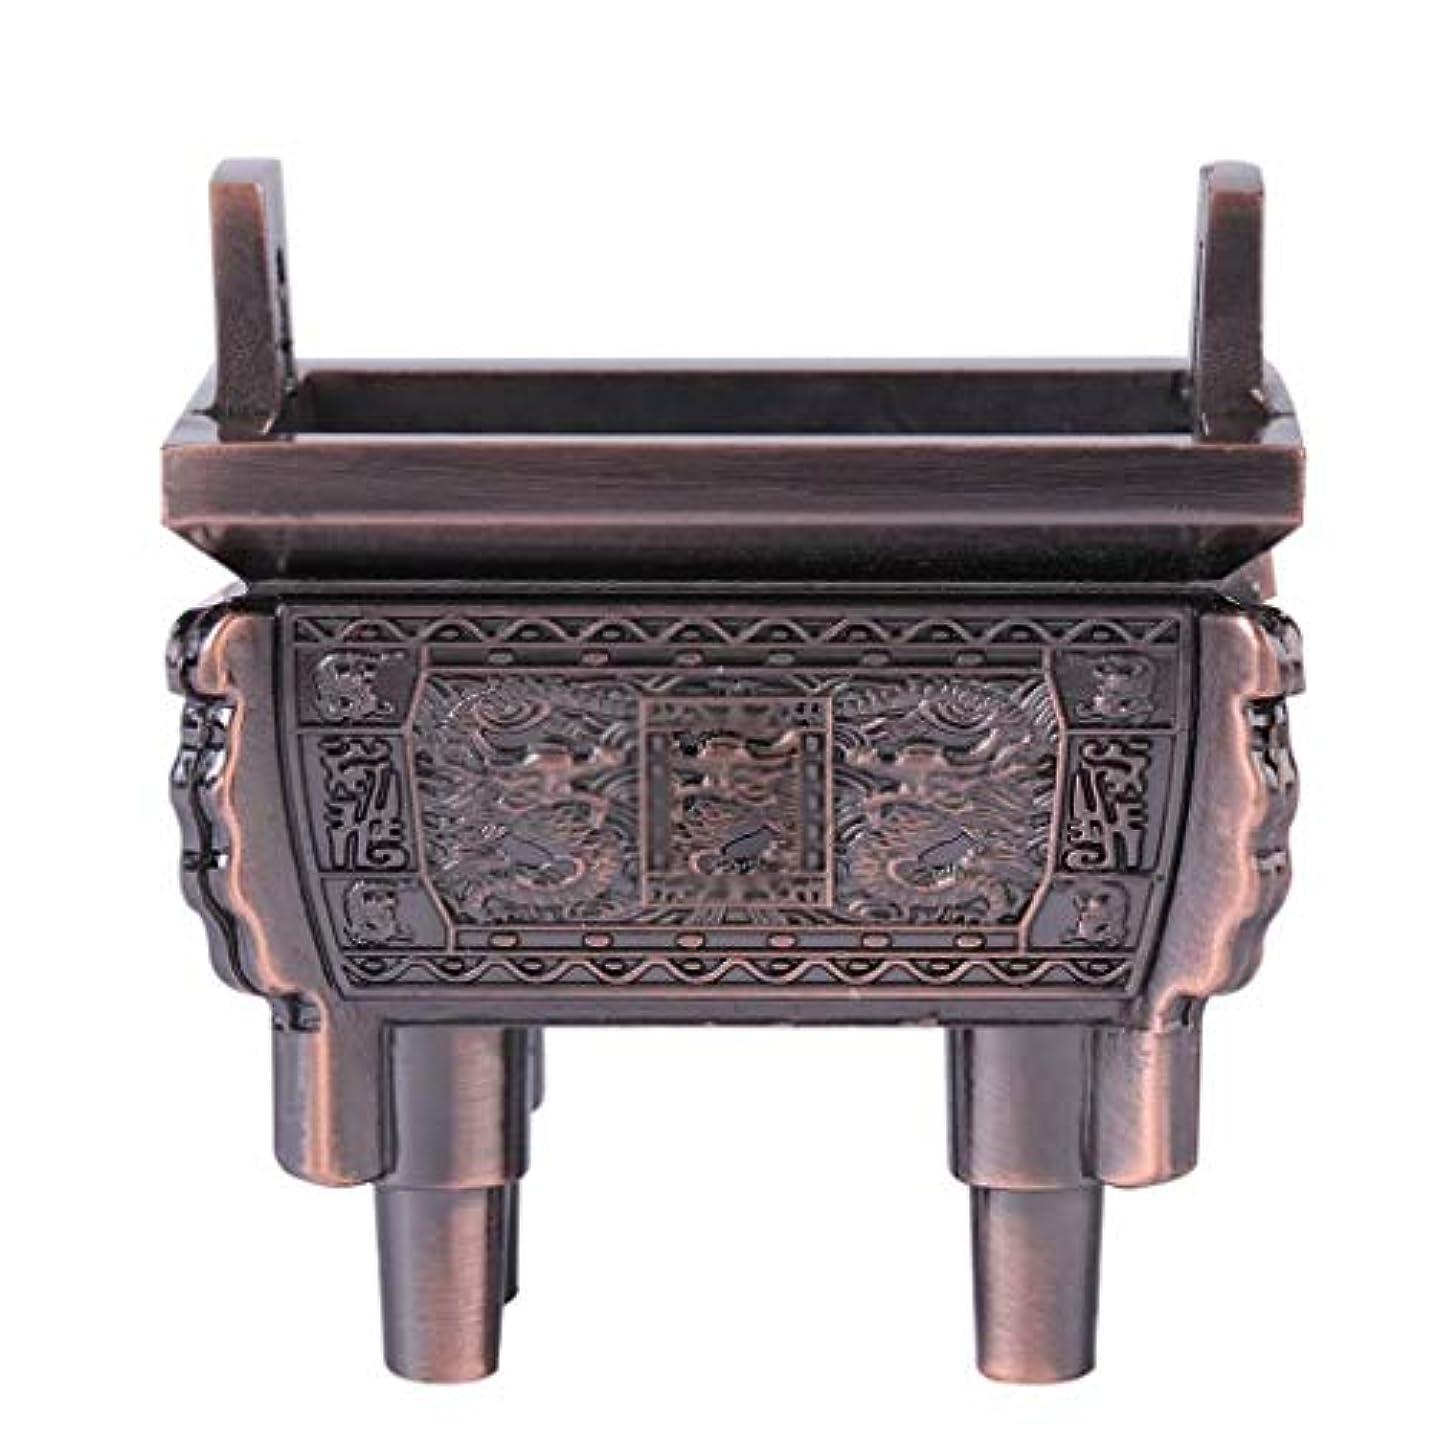 地震ペンフレンド核ホームアロマバーナー 総本店のホテルの喫茶店の使用のための小型多機能香の棒のバーナーのホールダーのセンサー 芳香器アロマバーナー (Color : Brass)